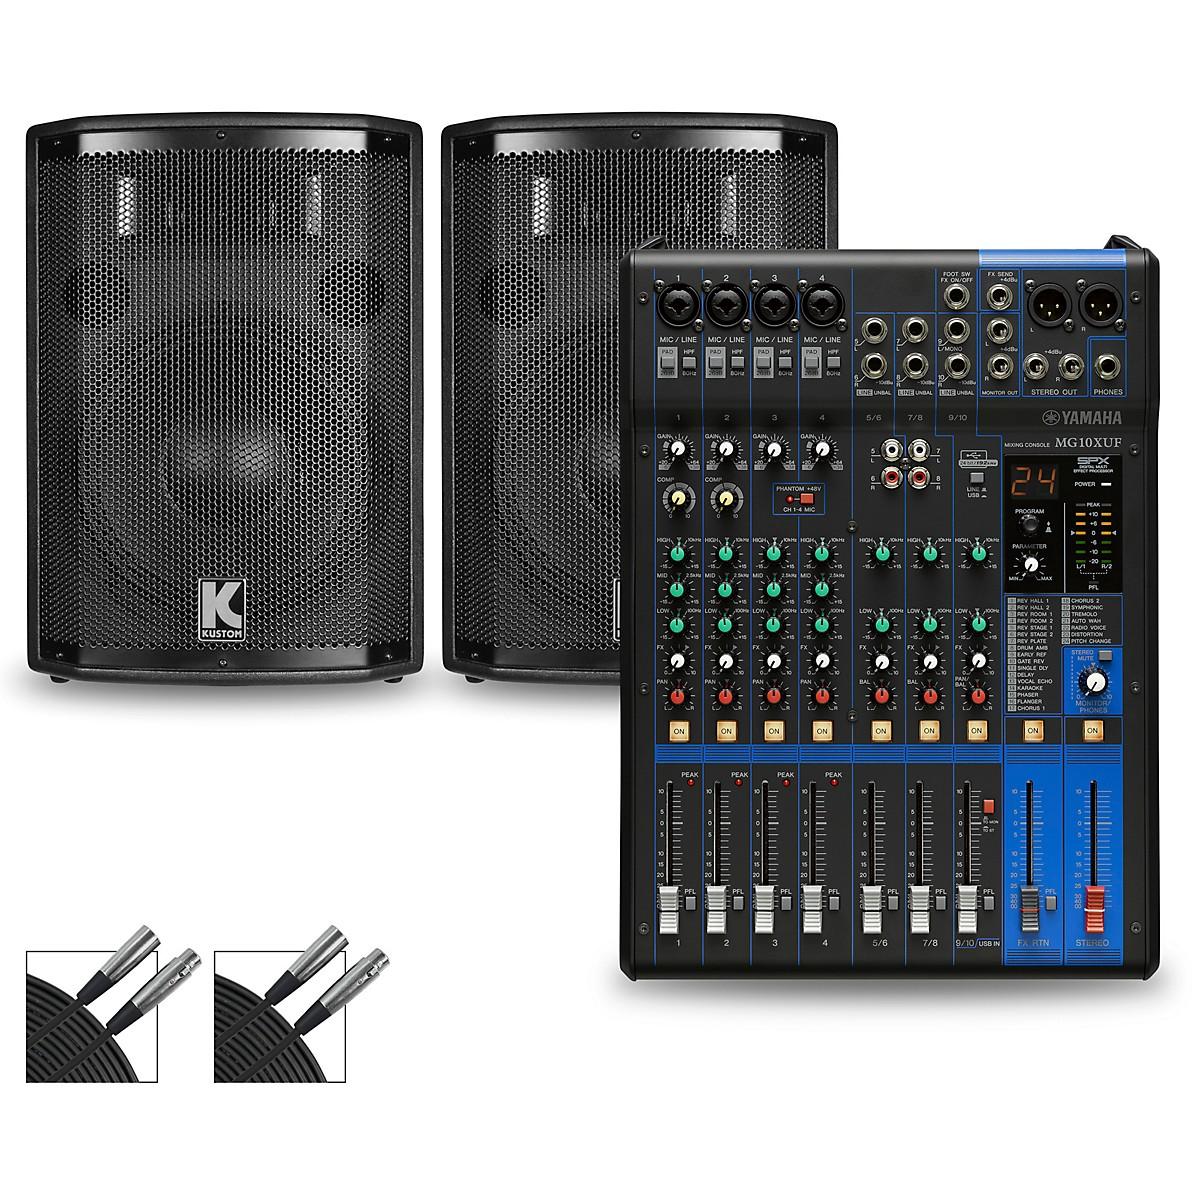 Yamaha MG10XUF Mixer and Kustom HiPAC Speakers